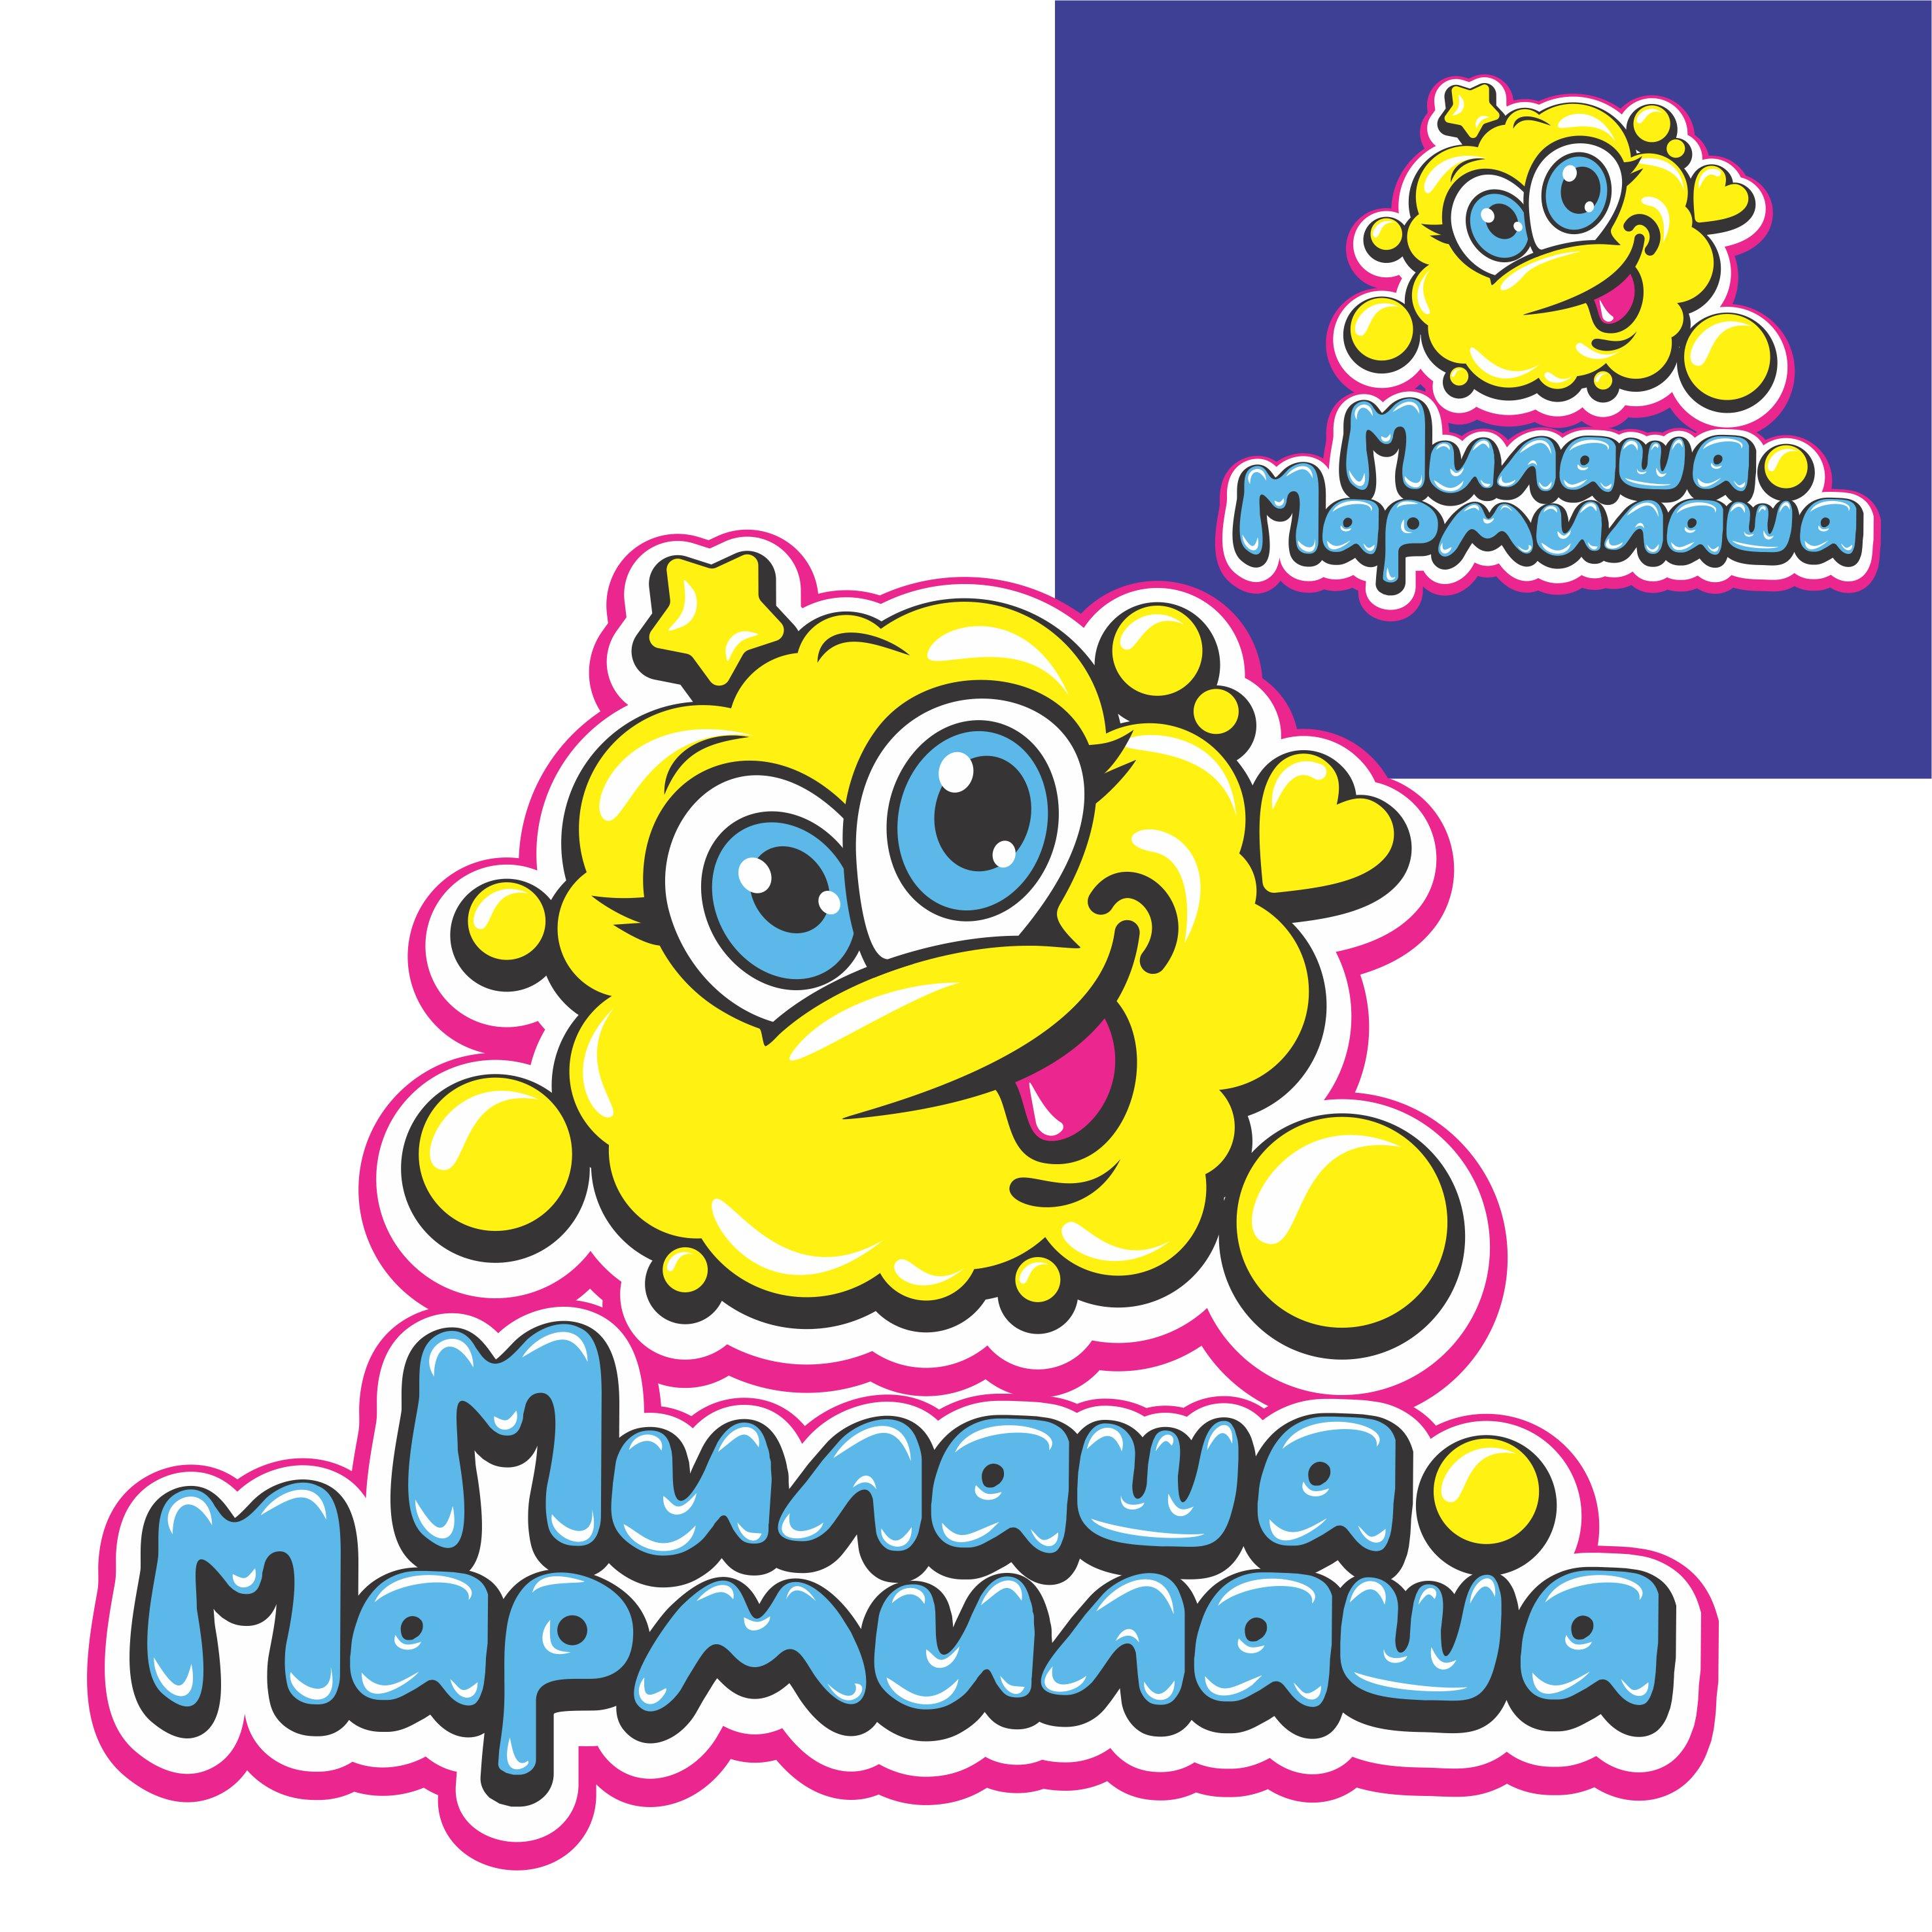 """Логотип для товарного знака """"Милаша-Мармилаша"""" фото f_460587cccbe106e7.jpg"""